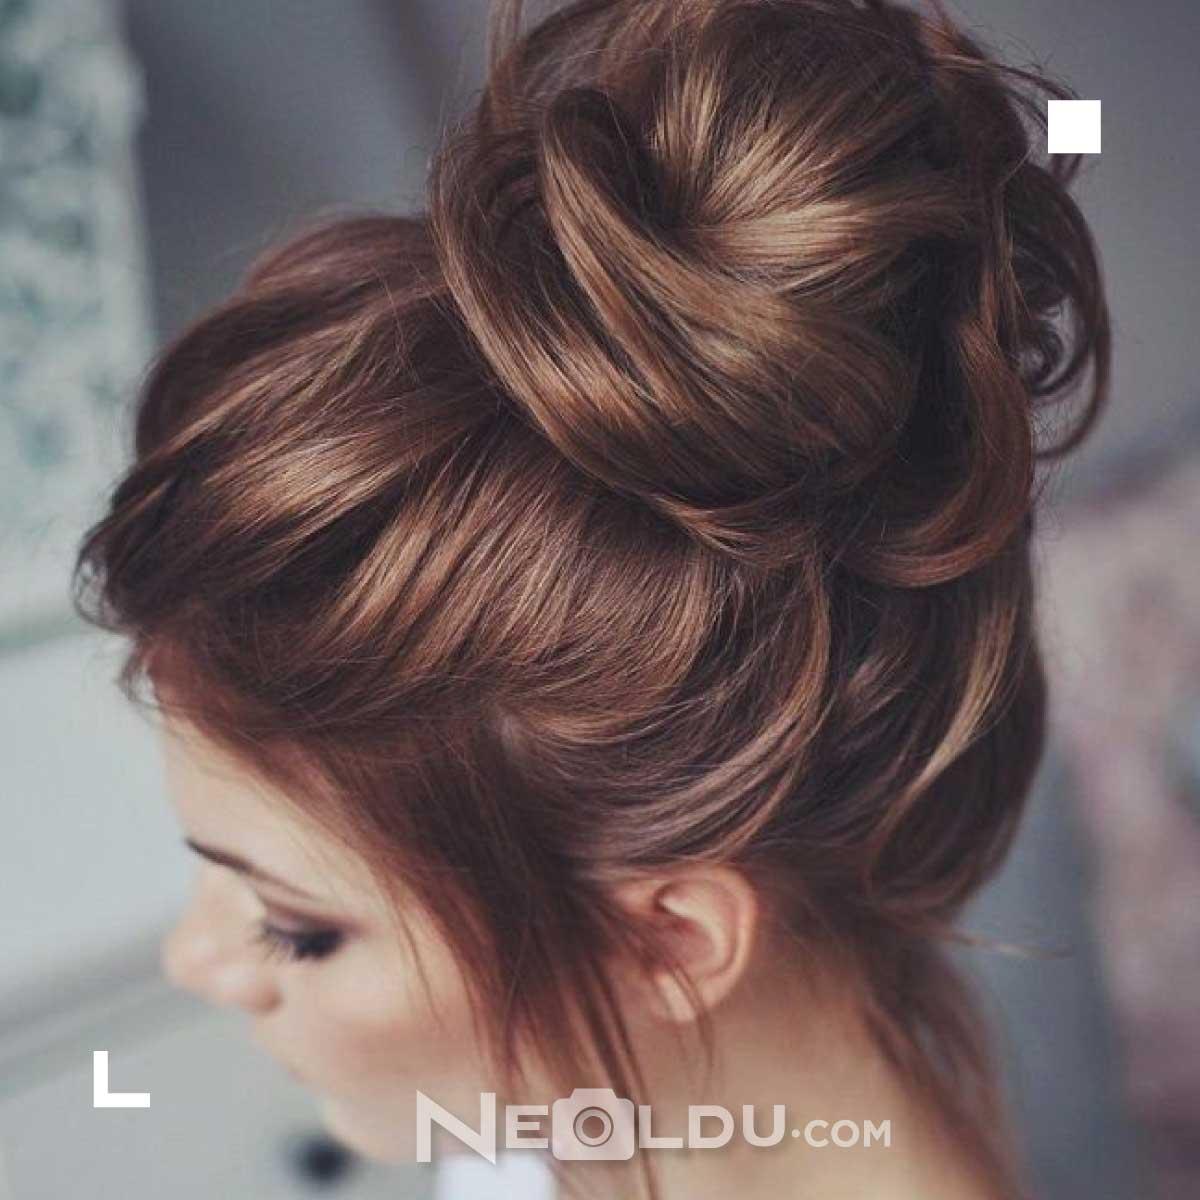 En Güzel Saç Modelleri, Yeni Moda Kadın Saç Modelleri